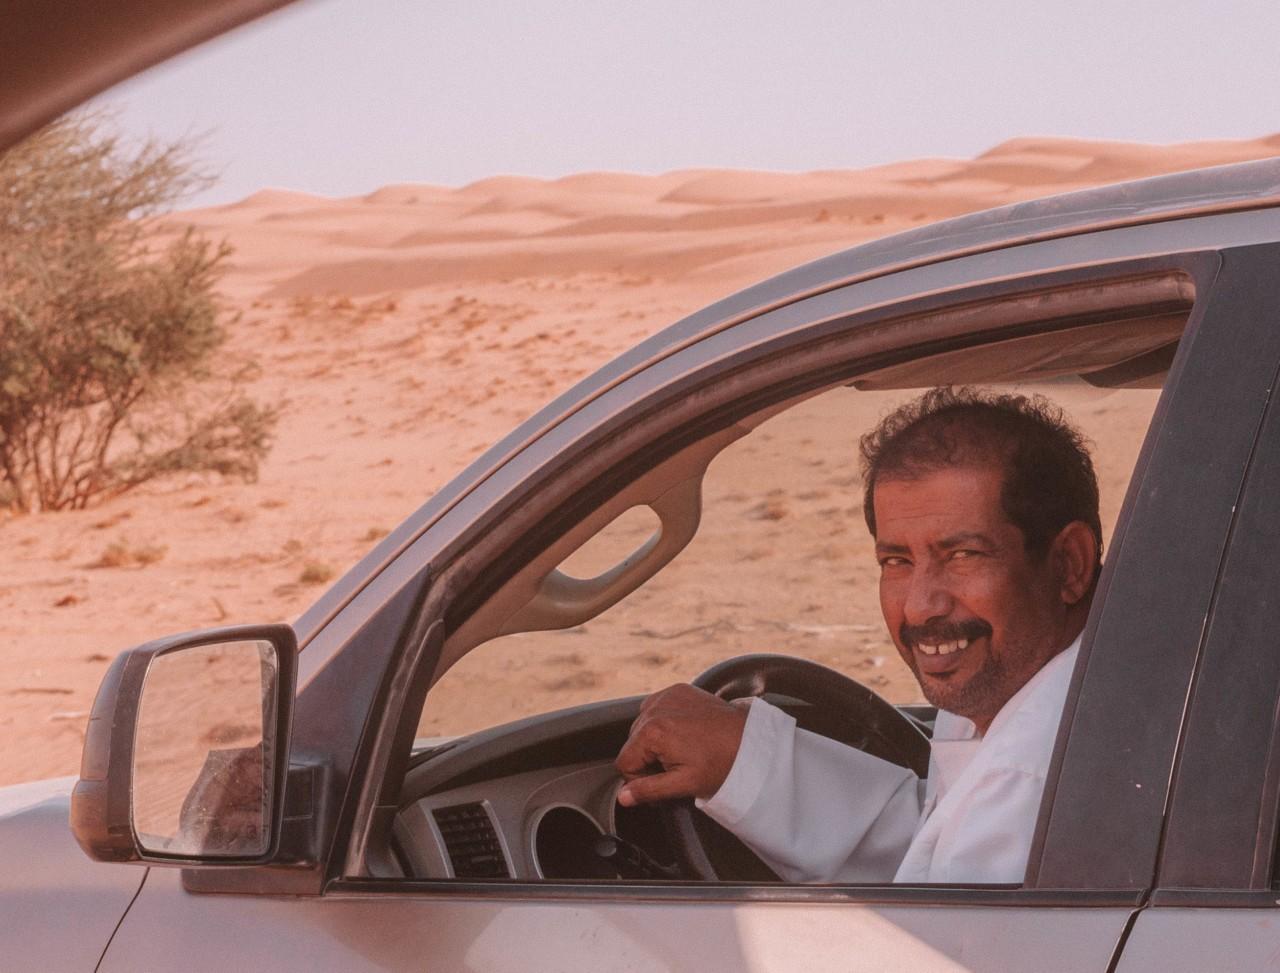 Croiser des inconnus dans le désert et se retrouver à partager un thé